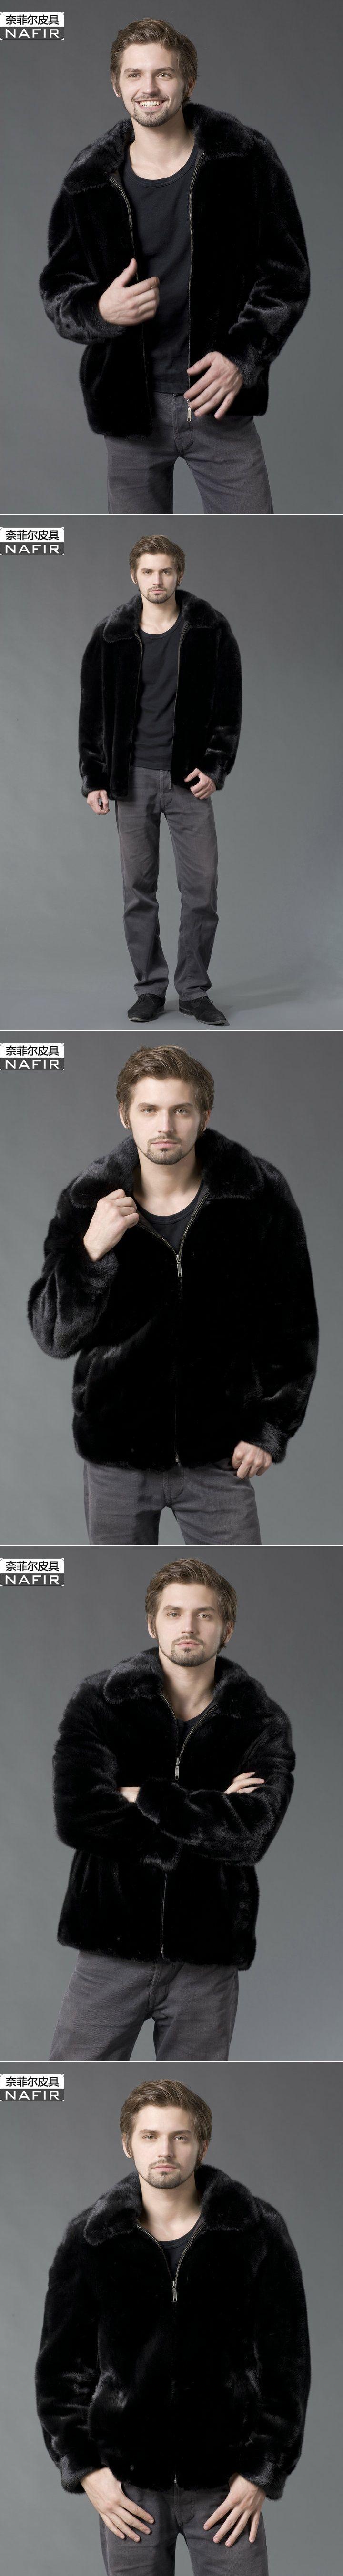 77 Best Images About Men S Fur Dress On Pinterest Coats